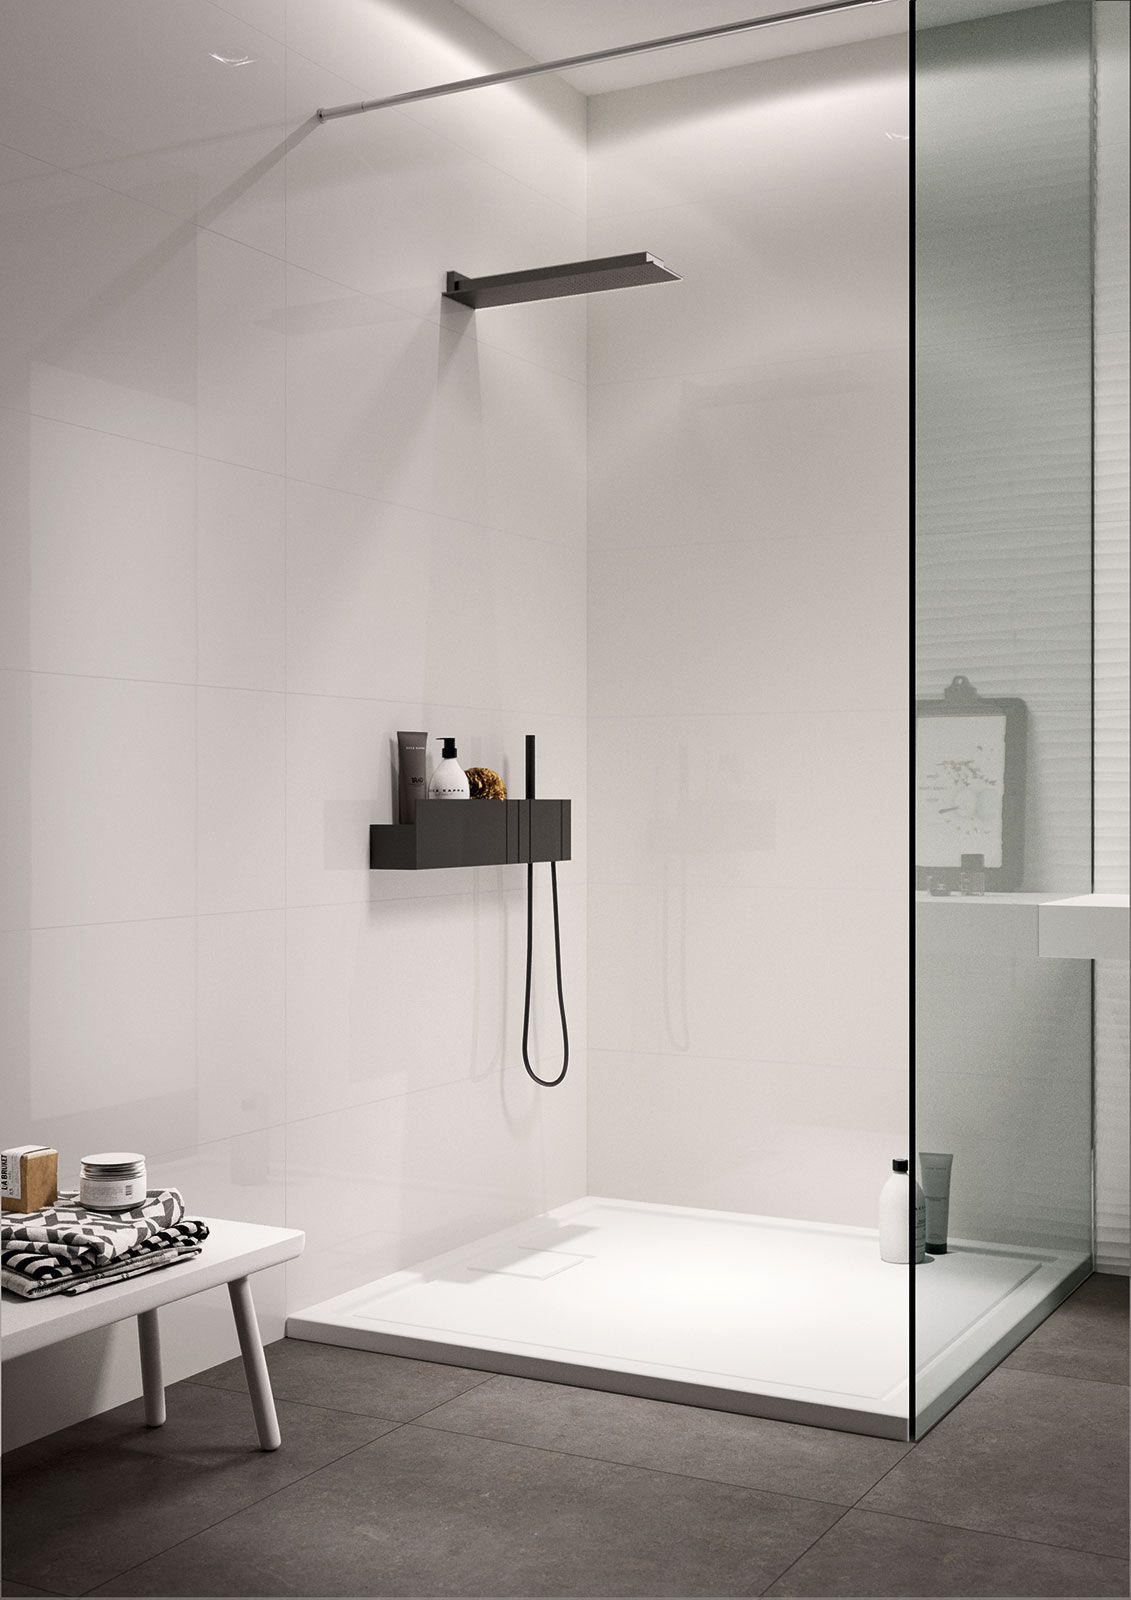 essenziale - ceramica bianca per bagni | marazzi | progettocasa ... - Bagni Moderni Marazzi